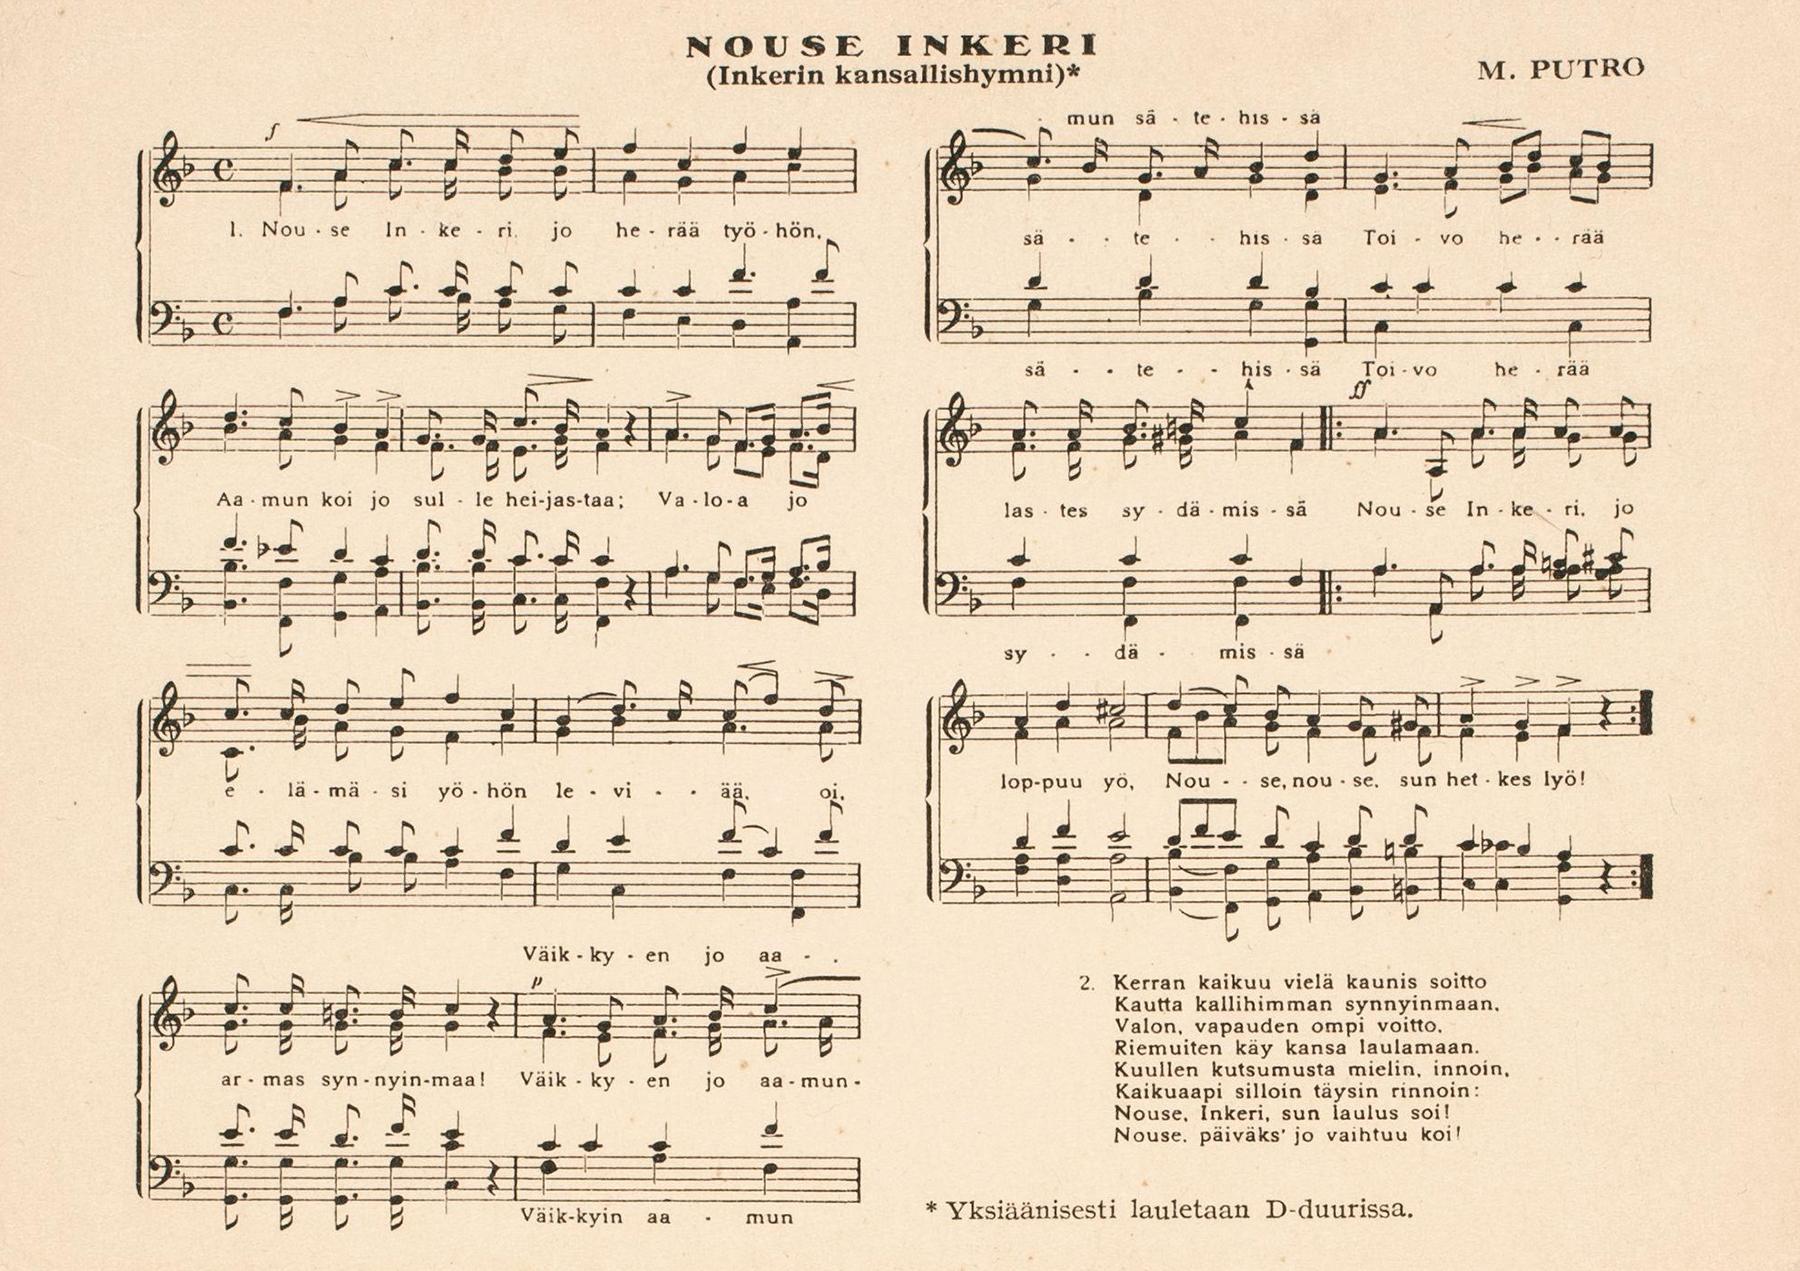 Mooses Putron säveltämän Nouse Inkeri -kansallislaulun nuotit. SKS KIA, Juho Vesan arkisto. CC BY 4.0